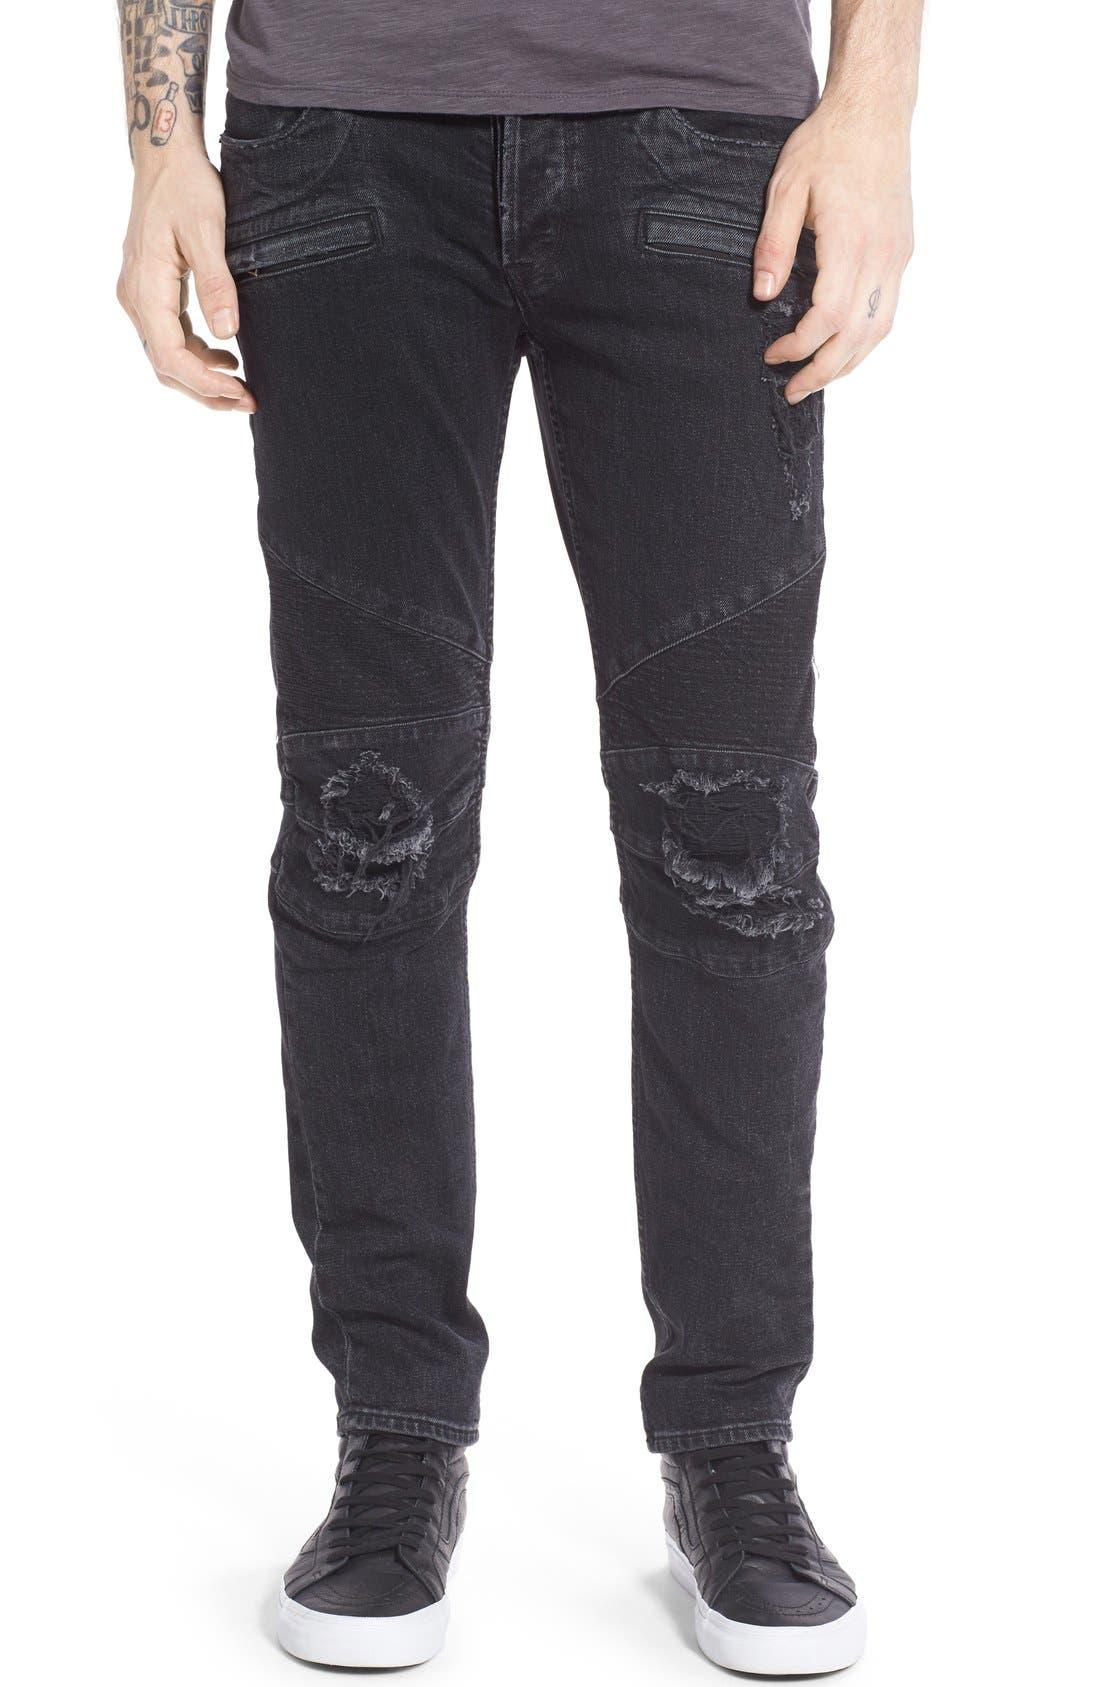 Alternate Image 1 Selected - Hudson Jeans 'Blinder' Skinny Fit Moto Jeans (Hostile)